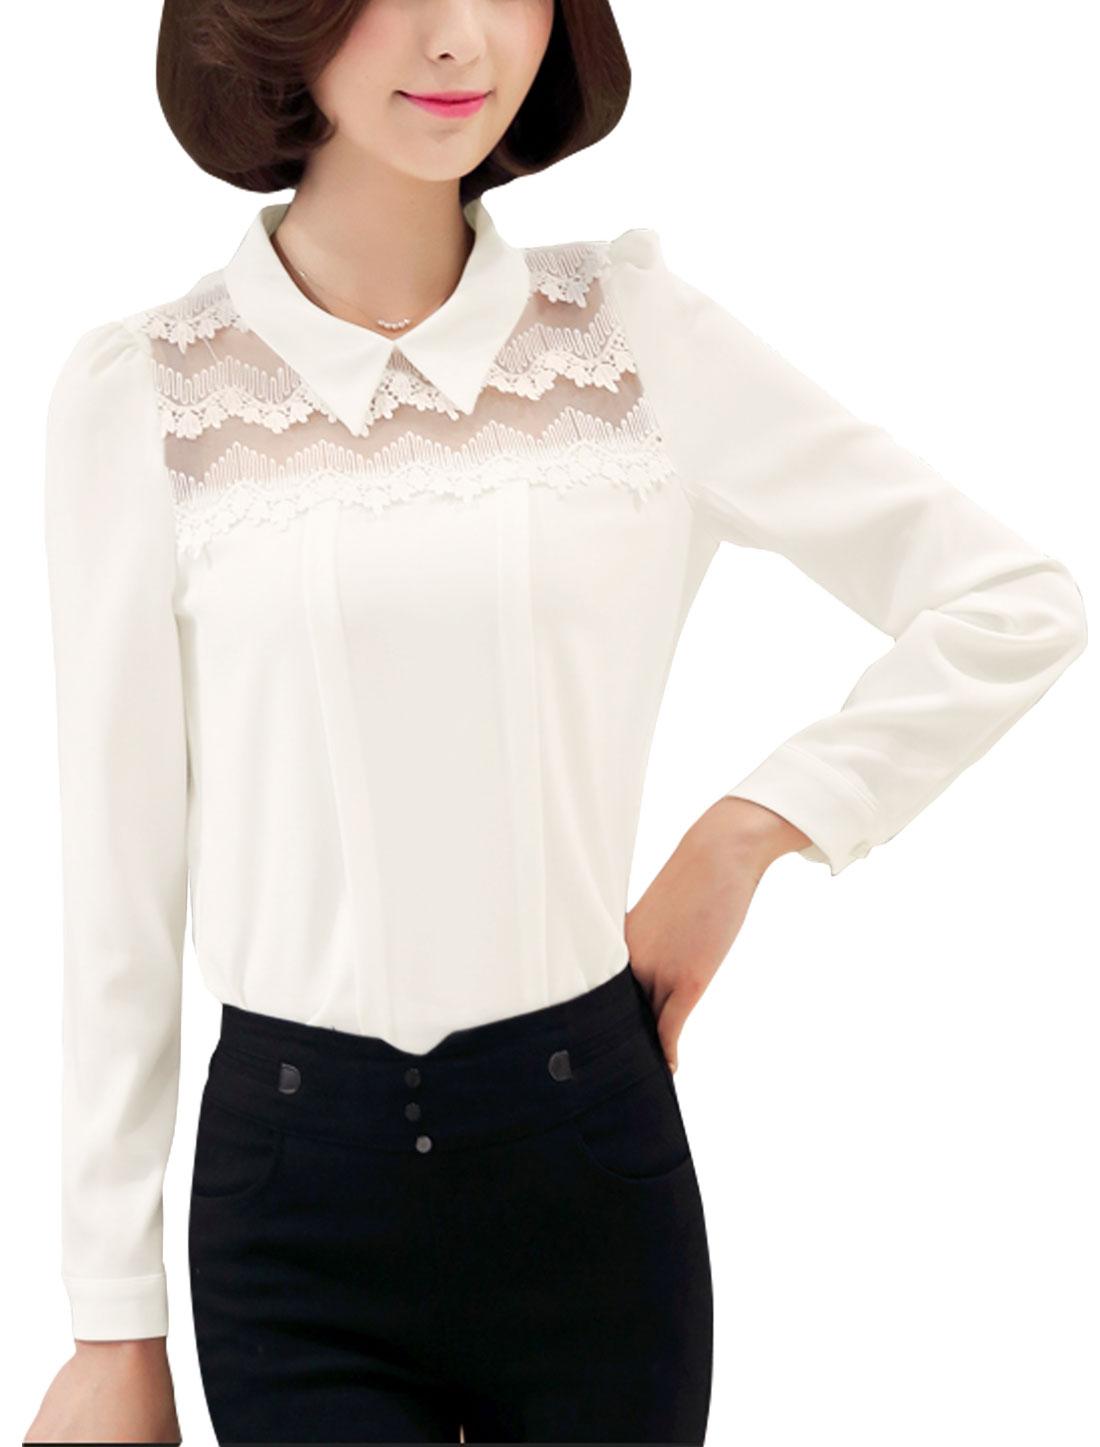 Women Long Sleeves Collared Semi Sheer Crochet Panel Blouse White M